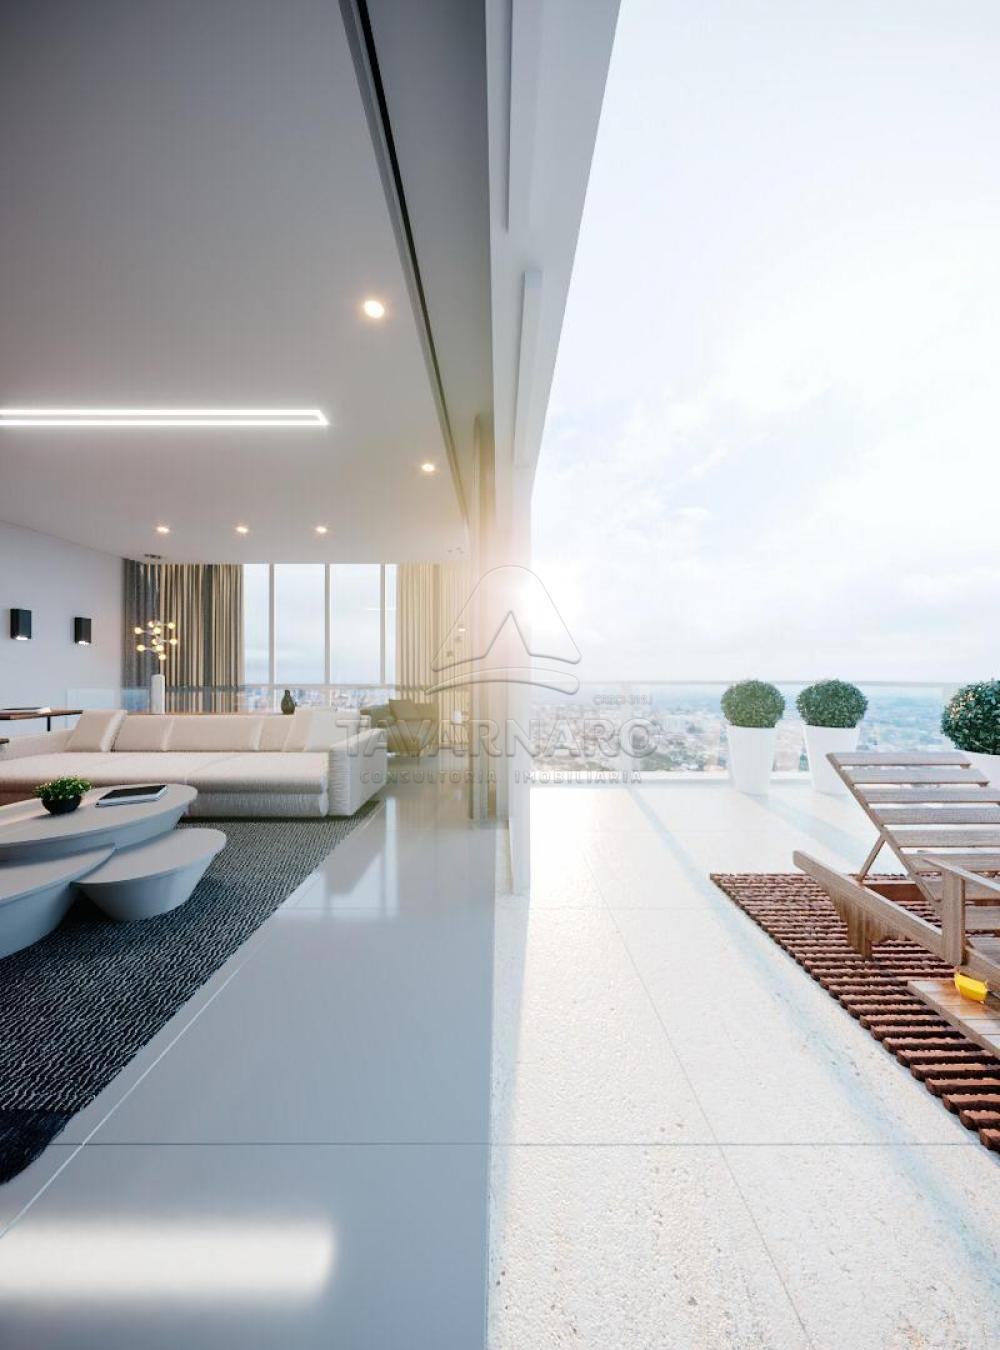 Comprar Apartamento / Cobertura em Ponta Grossa R$ 2.750.000,00 - Foto 1